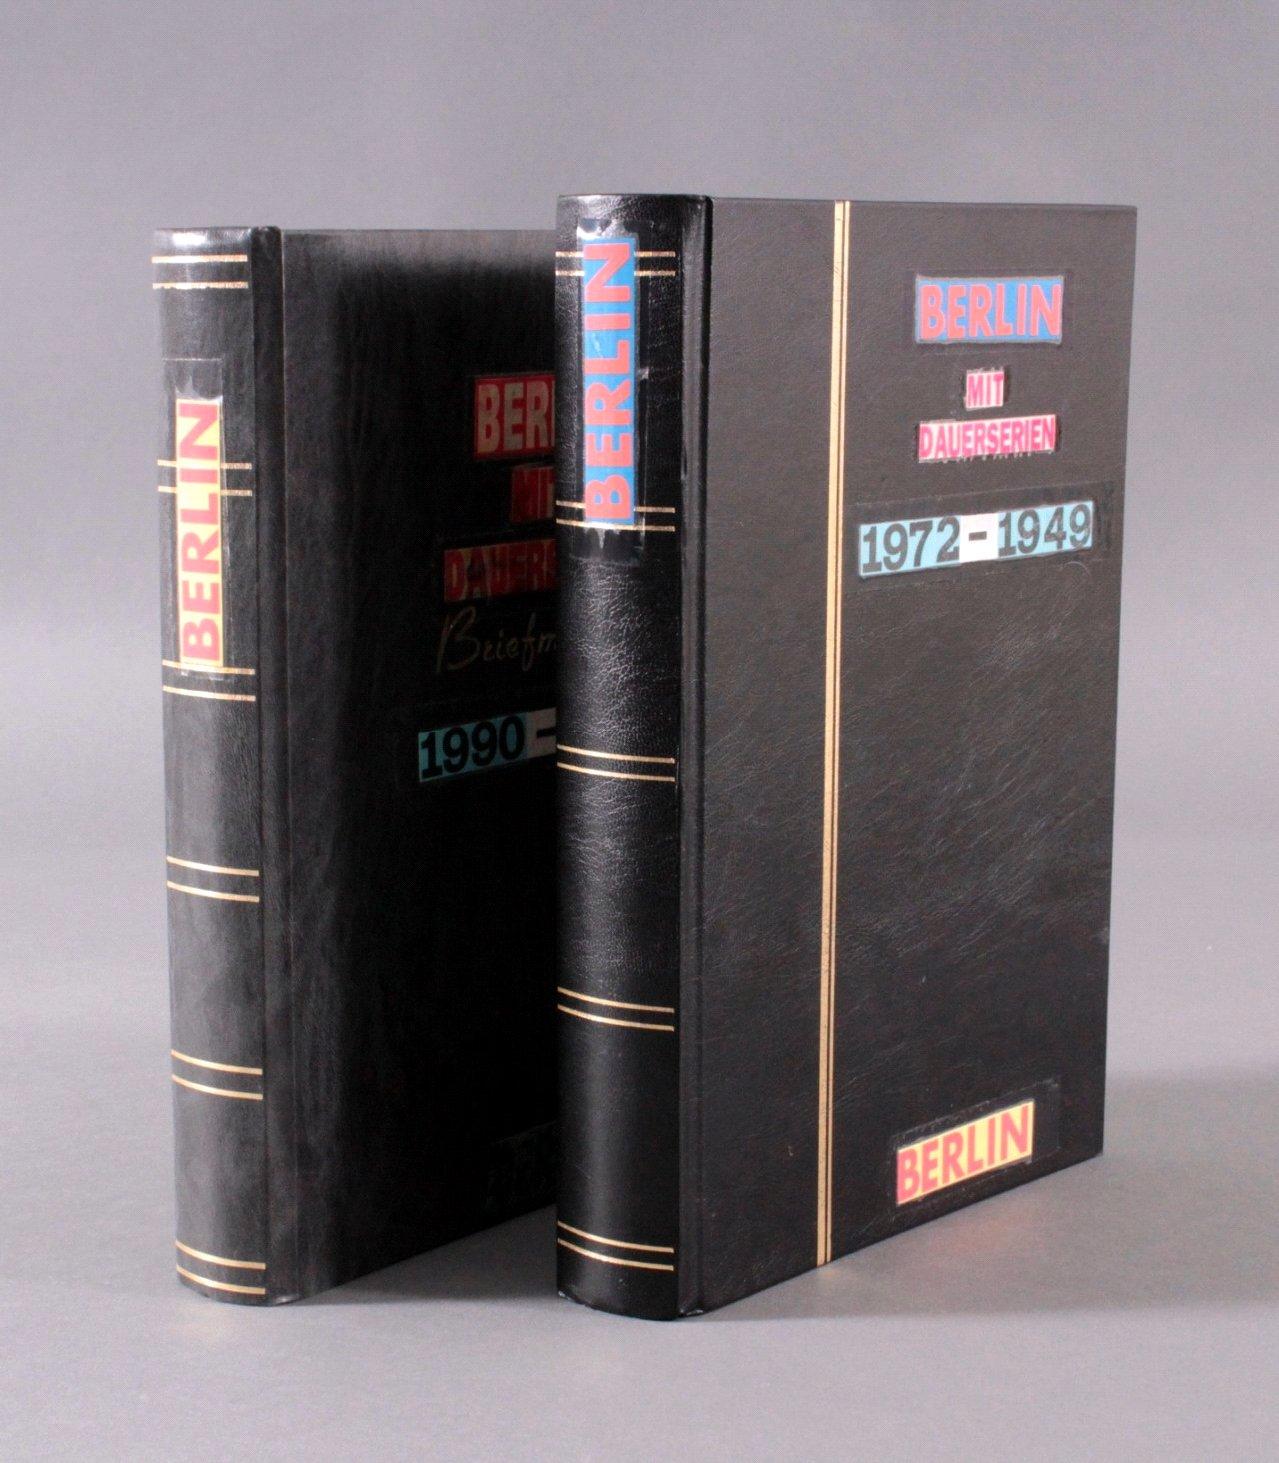 Sammlung Berlin ab 1949 mit Sonderaufstellung d. Dauermarken-5